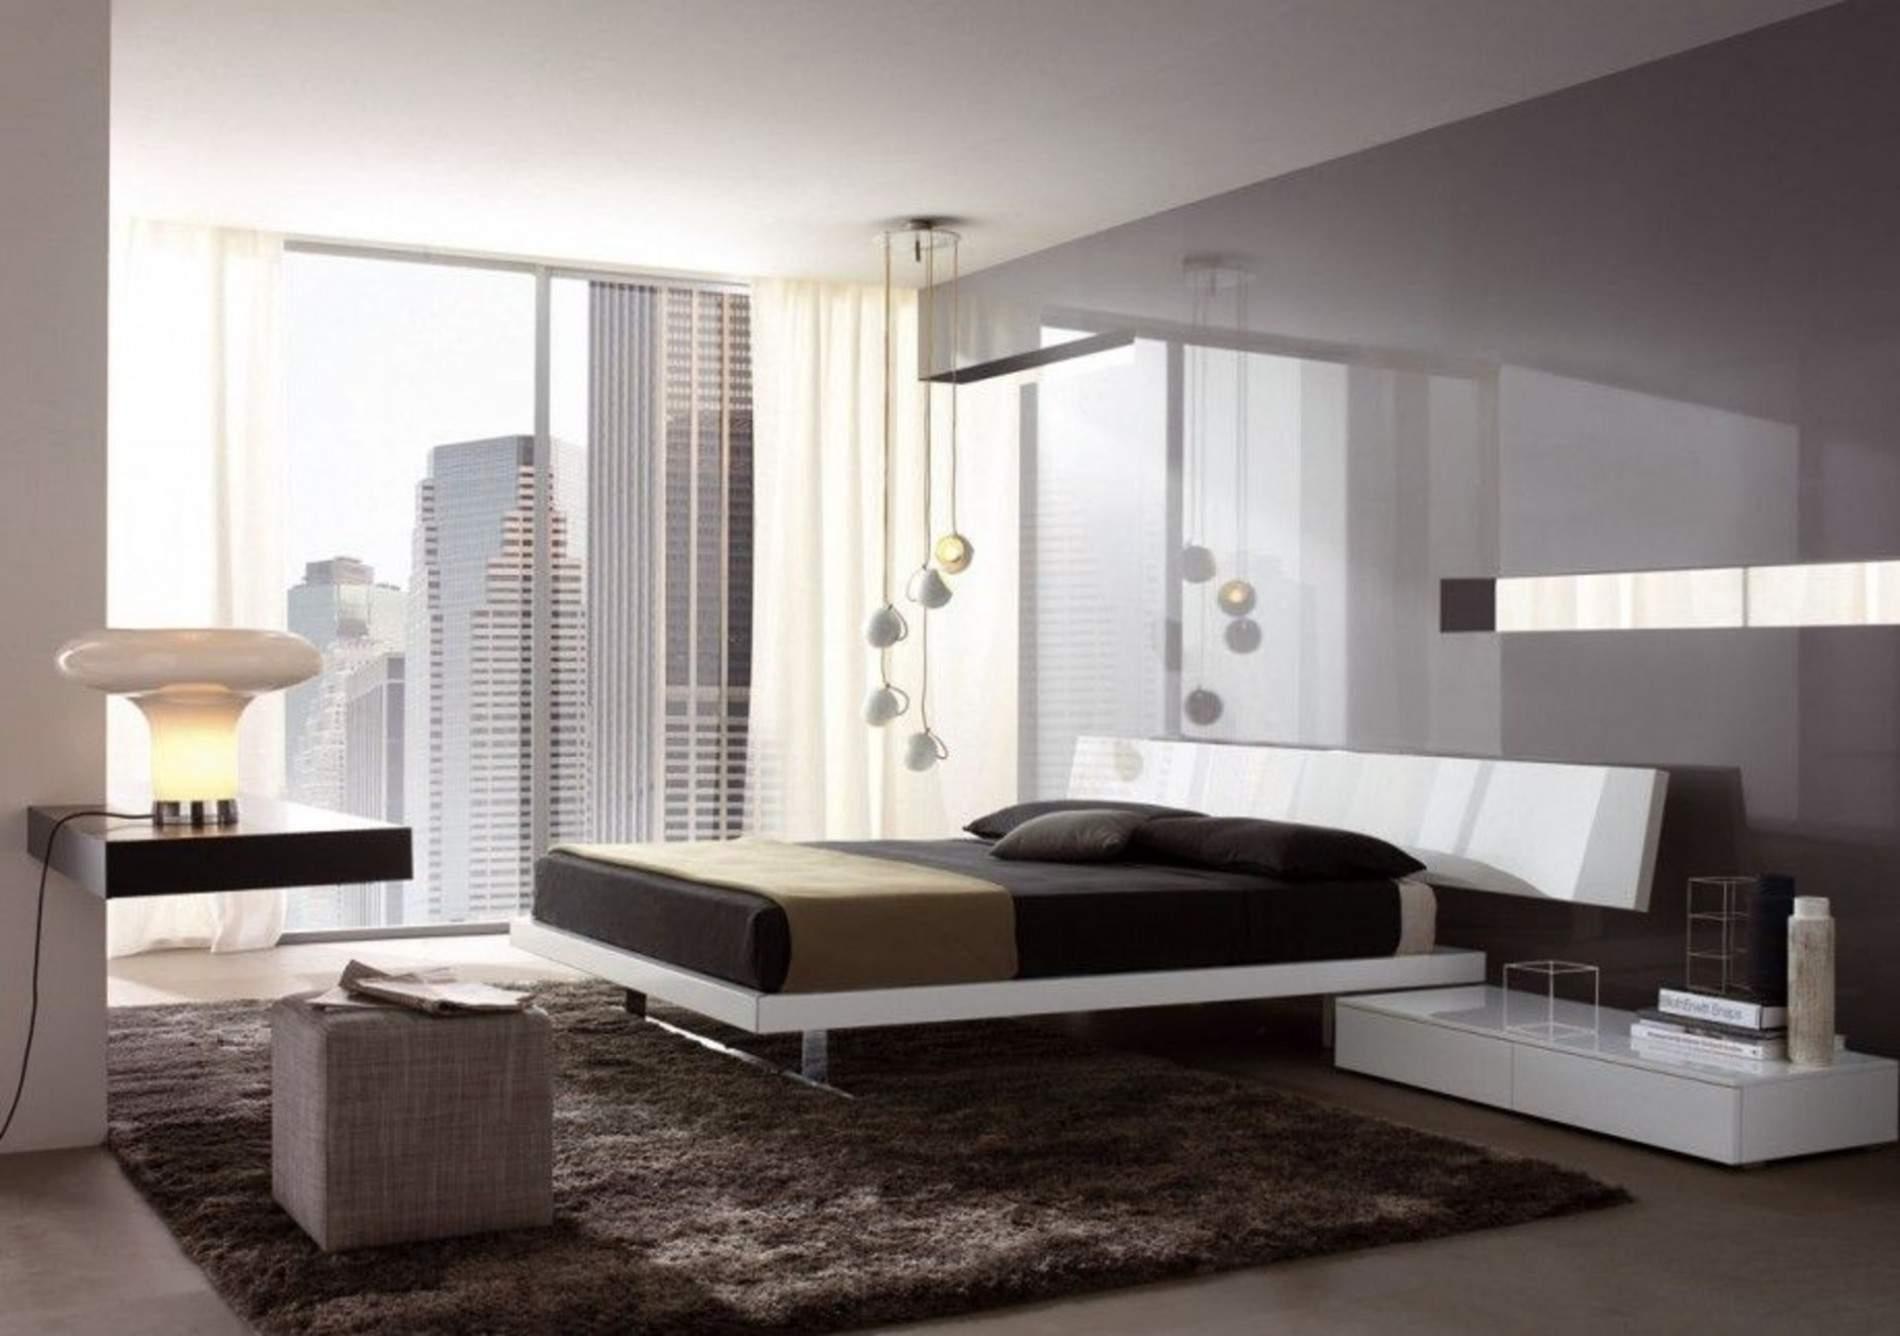 Full Size of Hngelampen Wohnzimmer Inspirierend Esstisch Vianova Stehlampe Schrankwand Teppiche Deckenstrahler Heizkörper Sideboard Gardinen Hängeschrank Deckenleuchte Wohnzimmer Hängelampen Wohnzimmer